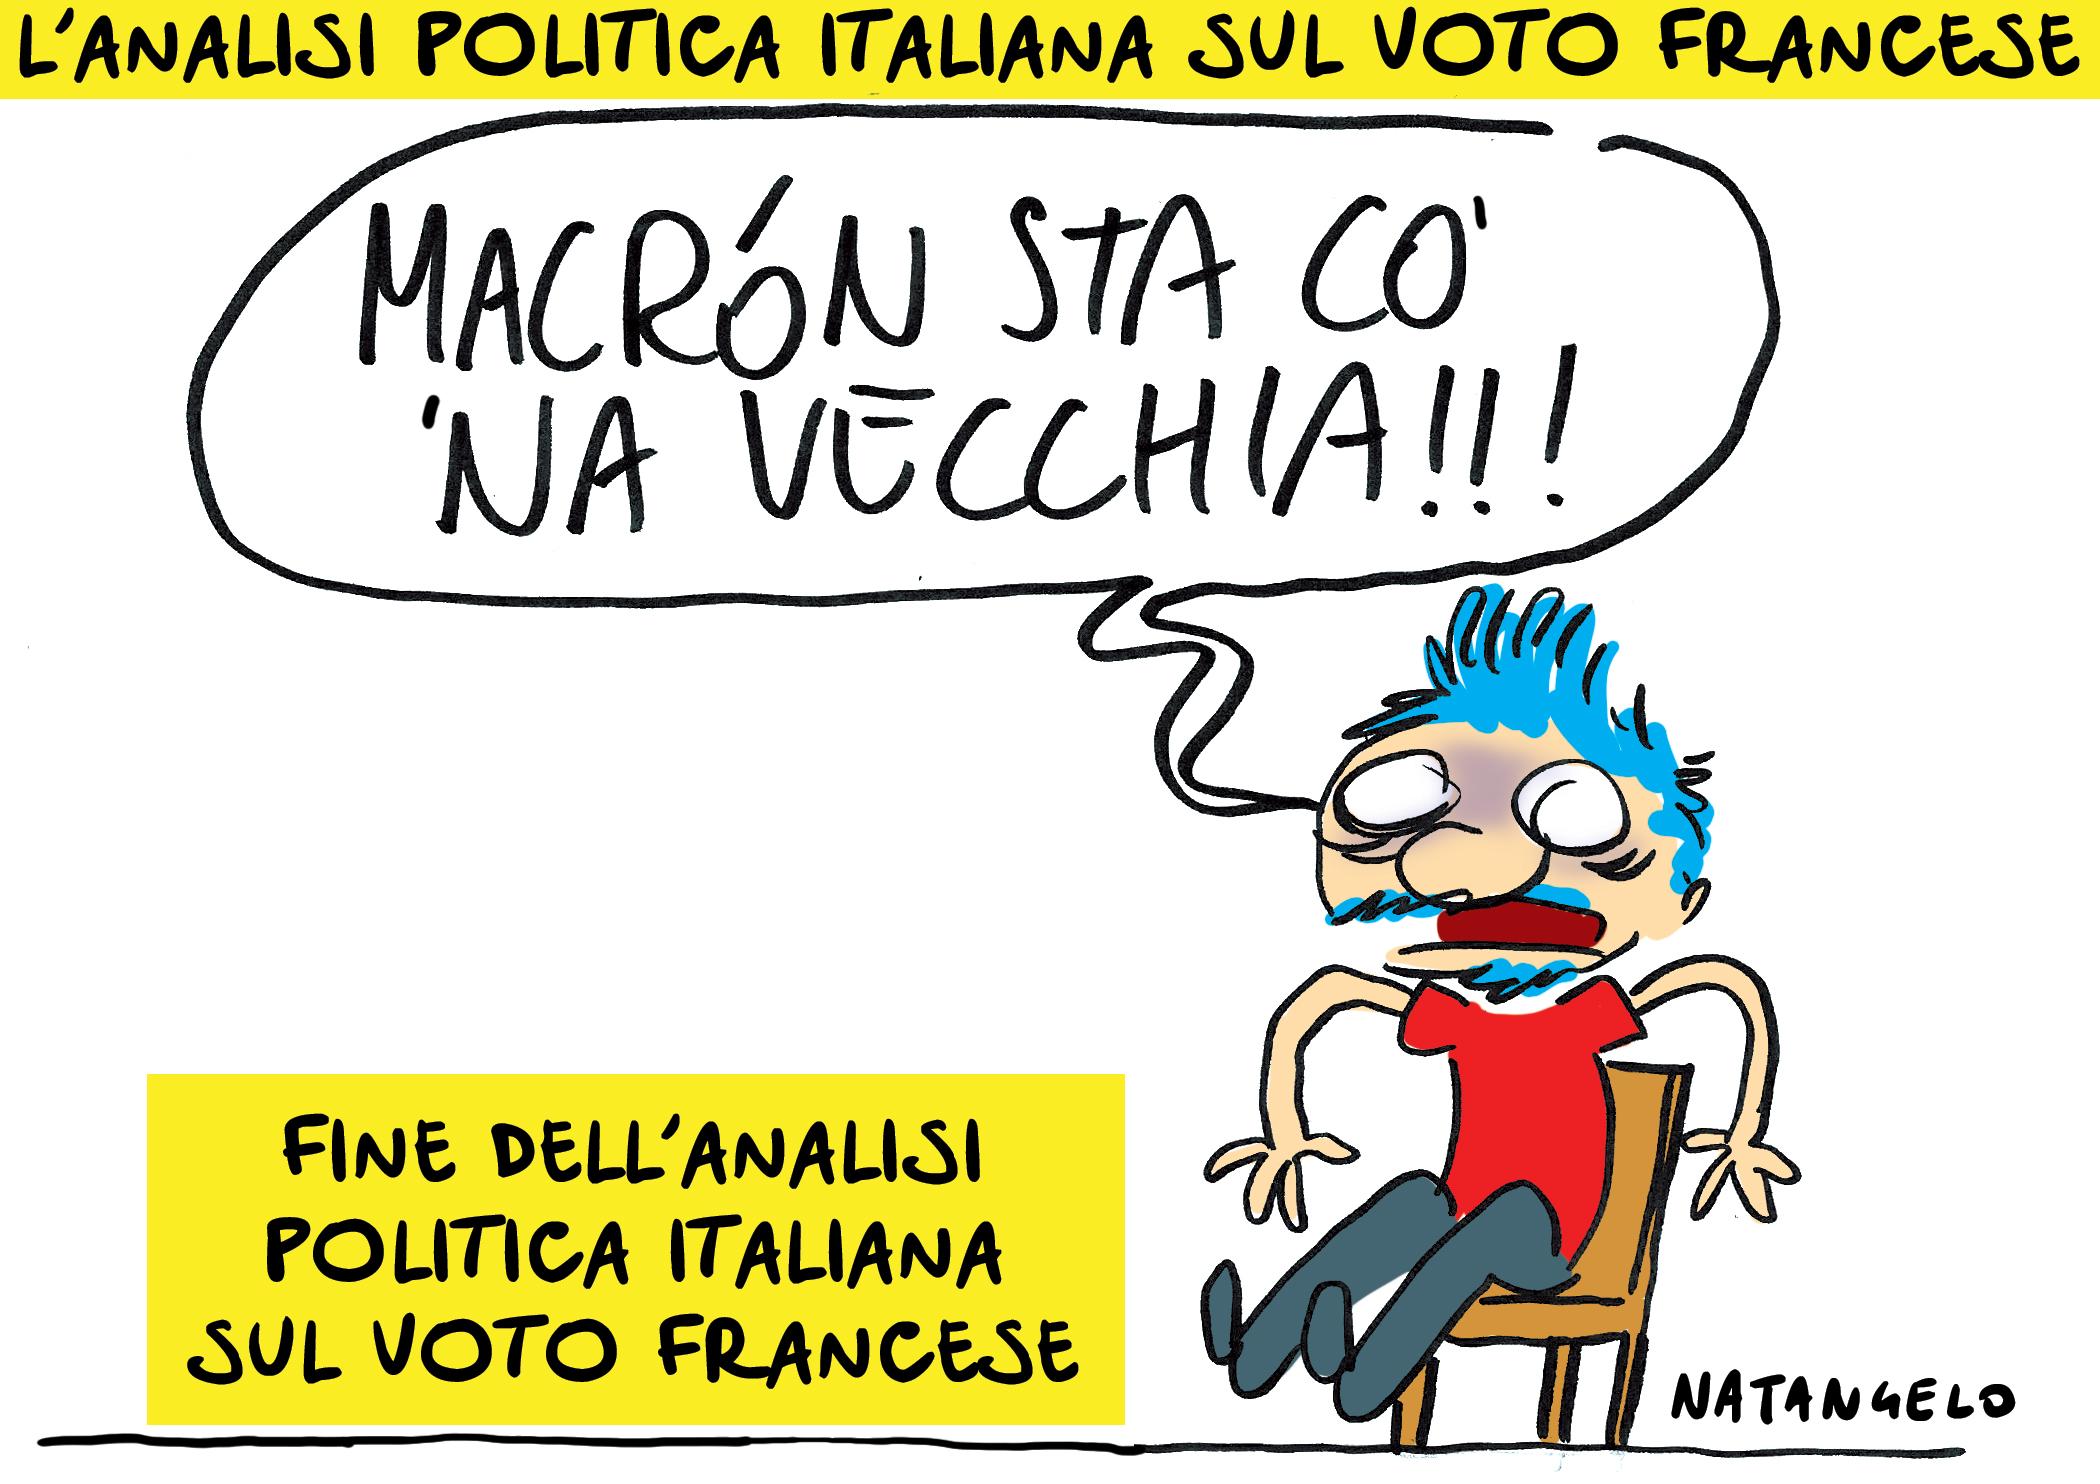 L'analisi politica italiana sul voto francese